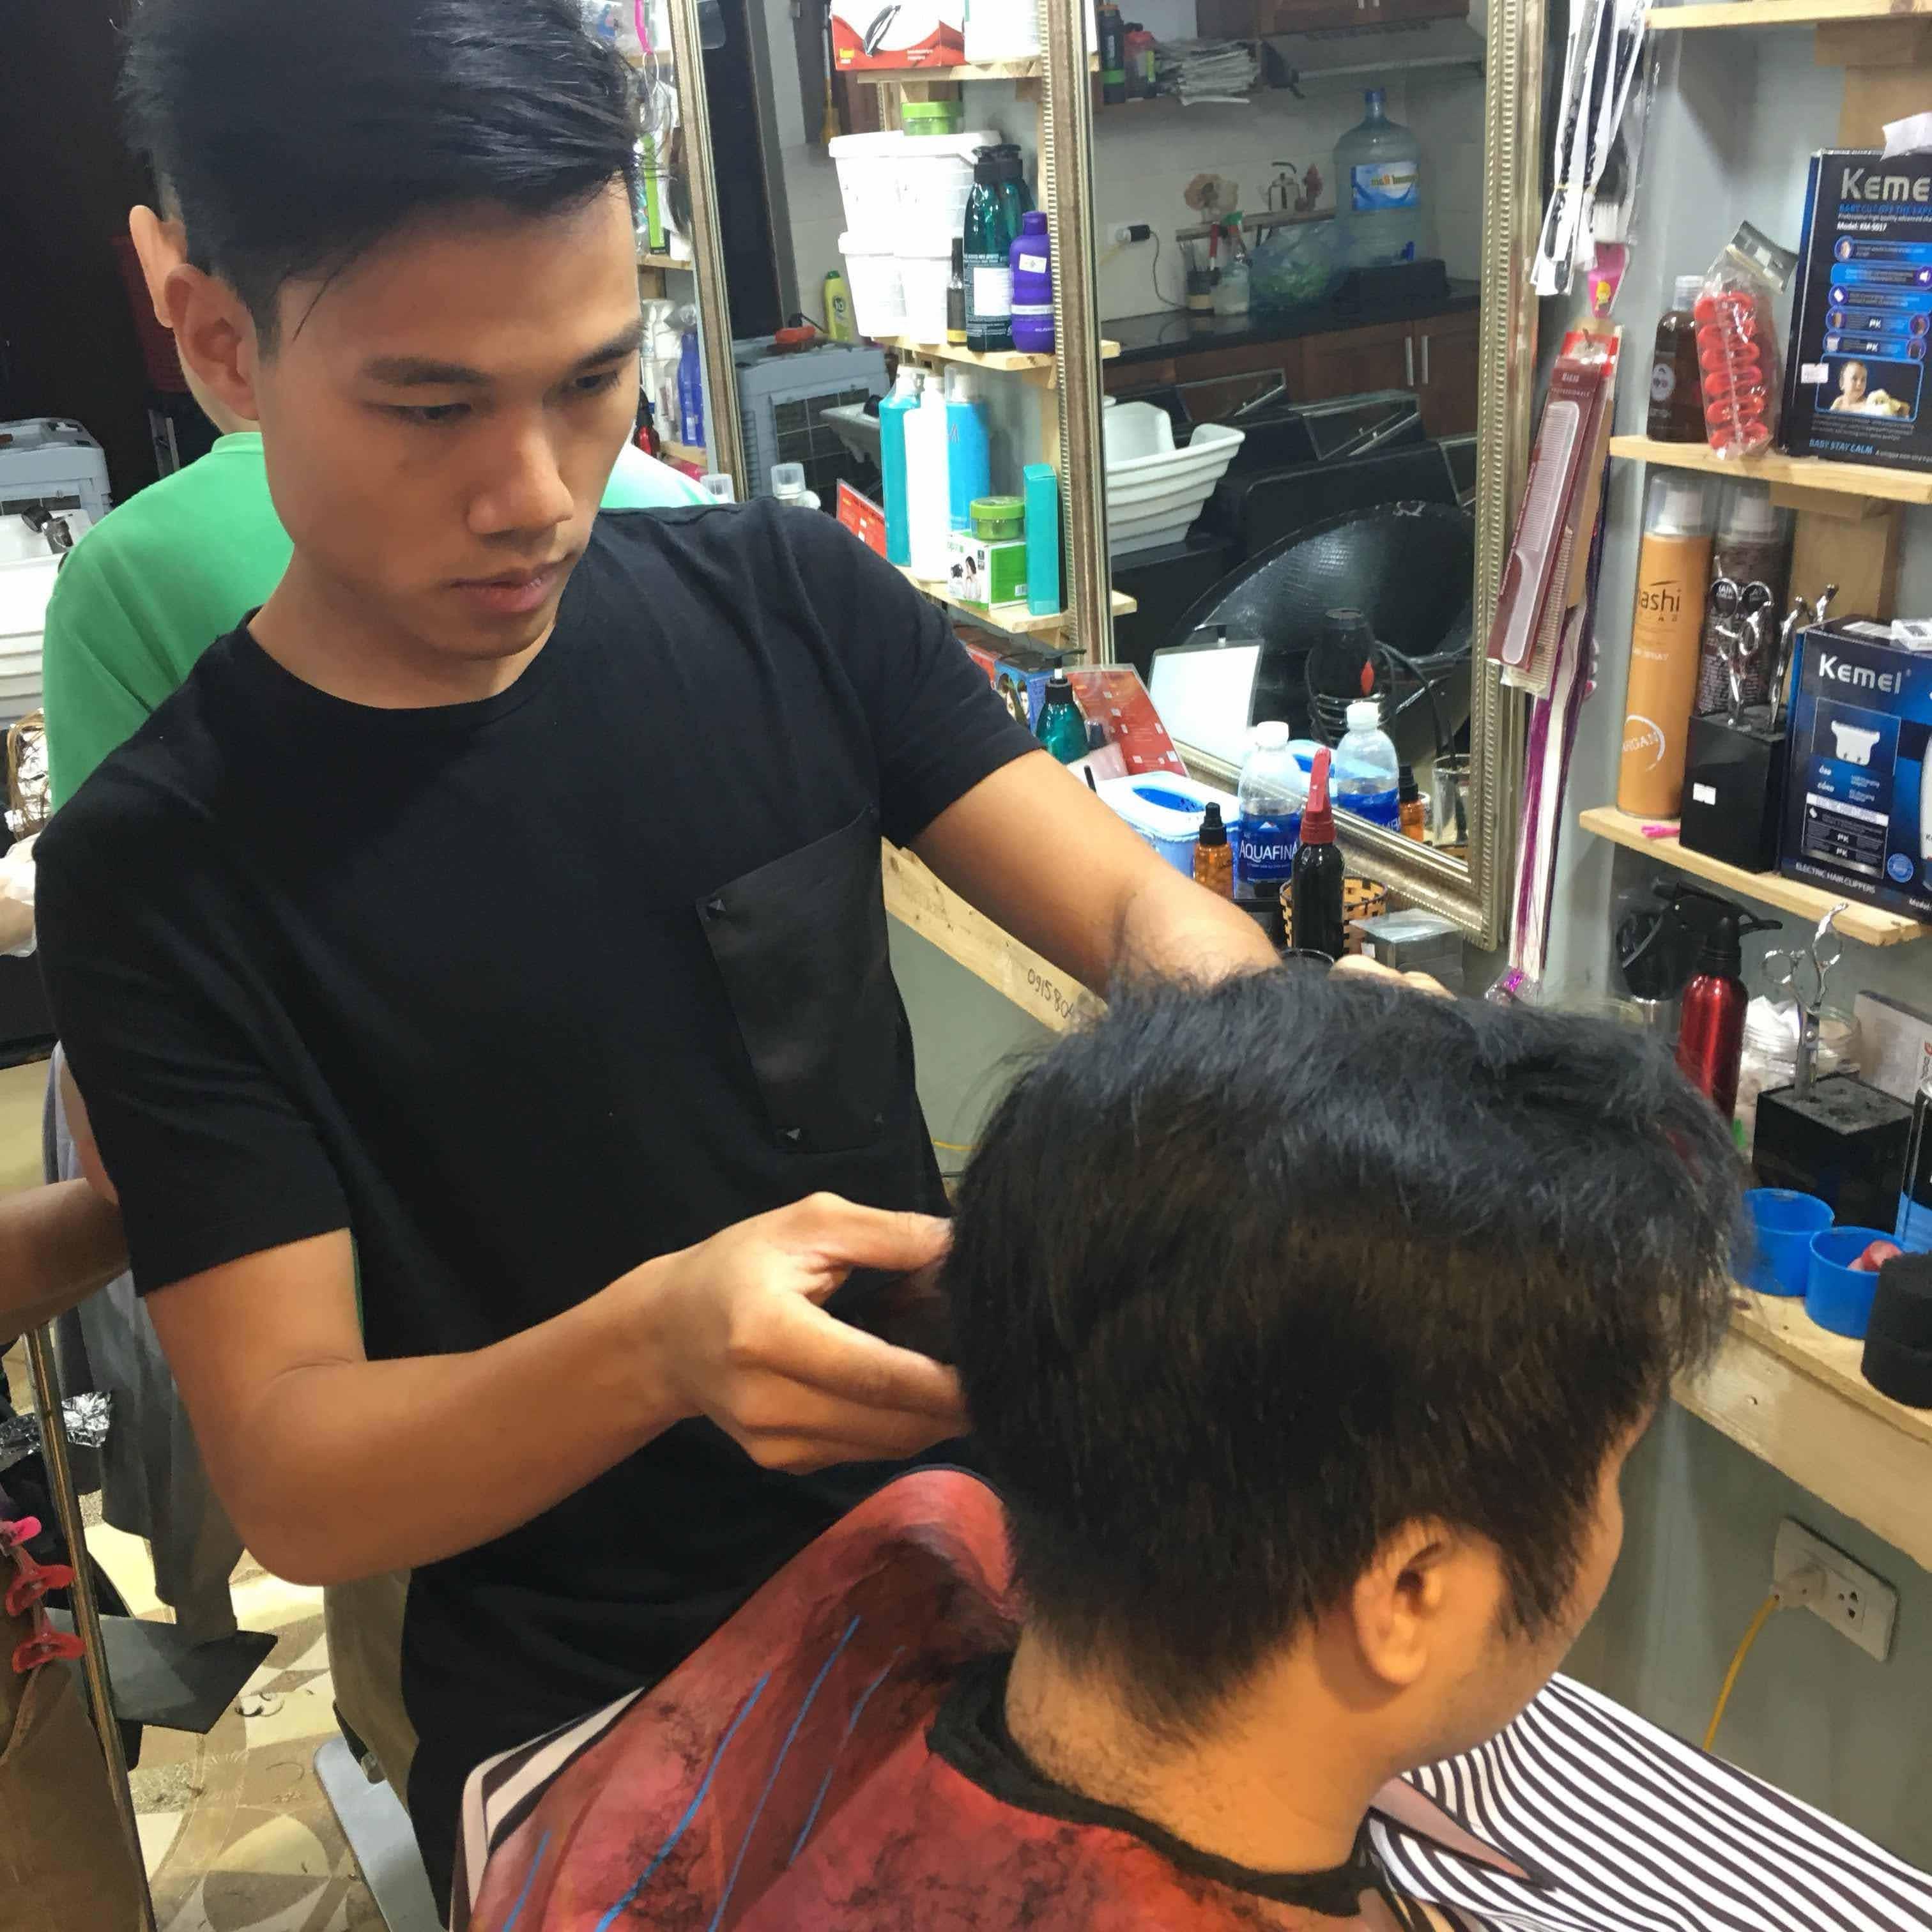 Tìm chỗ dạy học cắt tóc thật 100% tại Hà Nội cam kết giỏi nghề sau 2 tháng